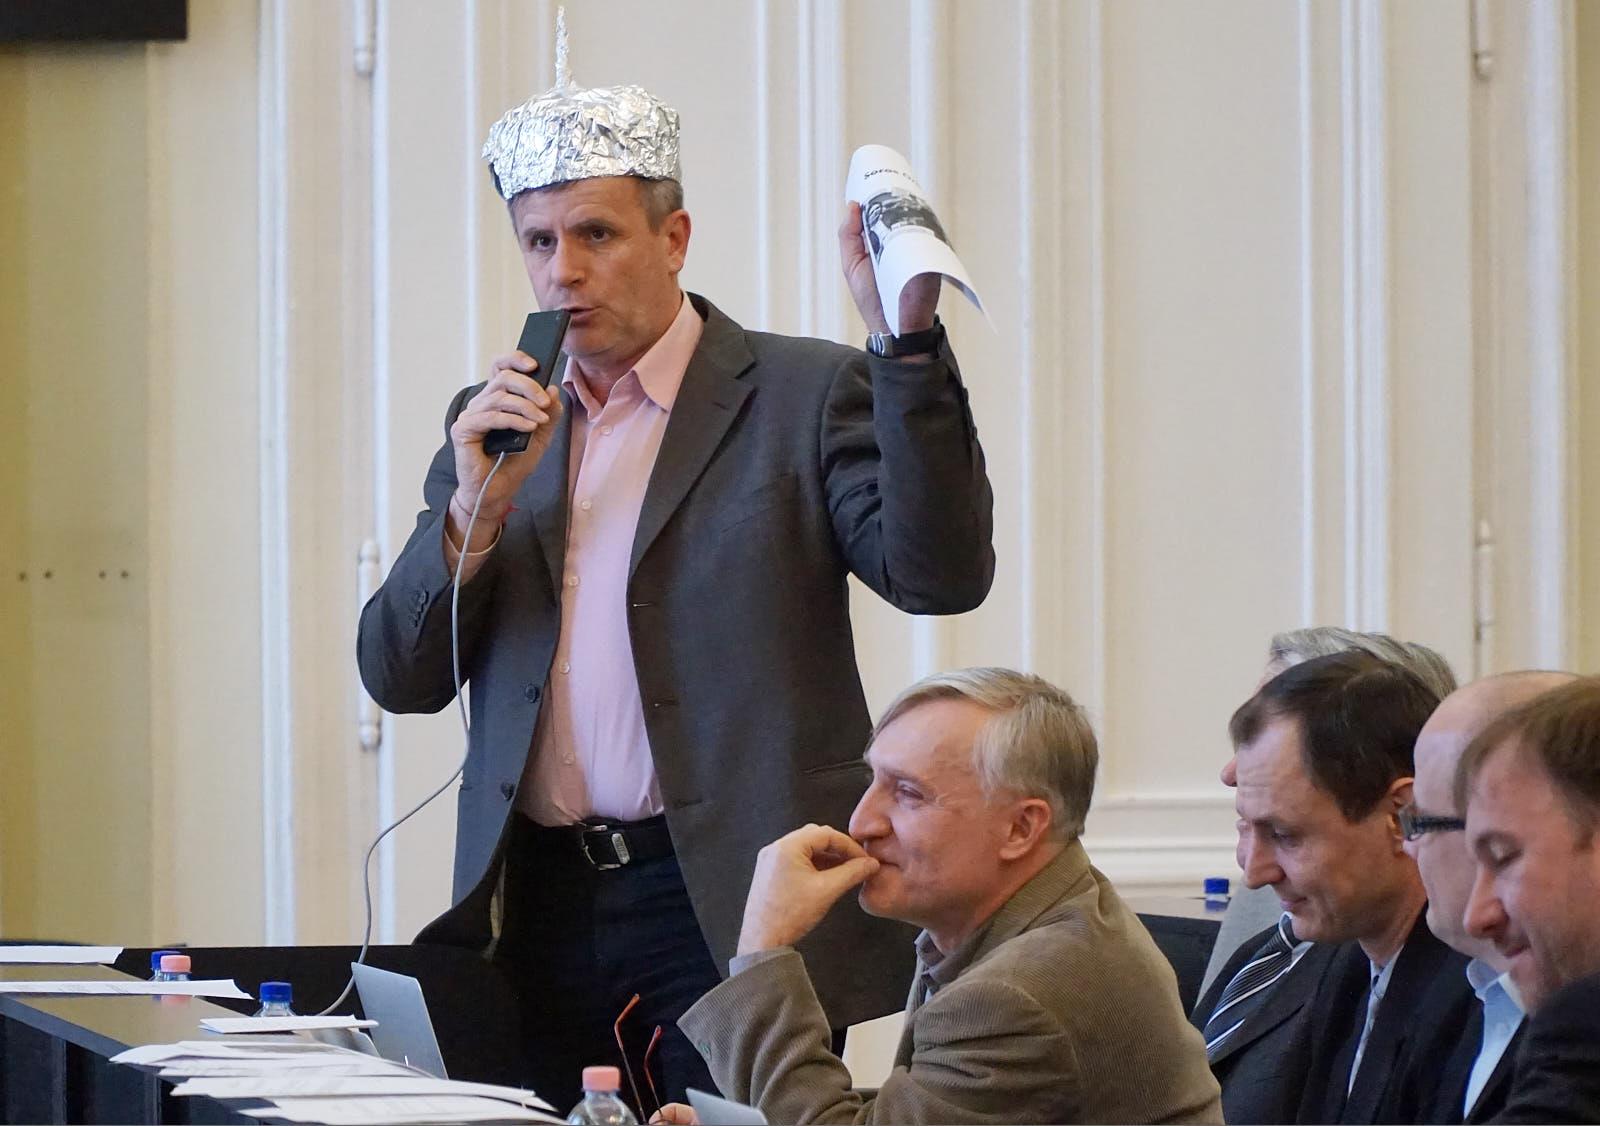 Alufóliasisakban szólalt fel a Soros-ügyi közgyűlésen az ellenzéki képviselő